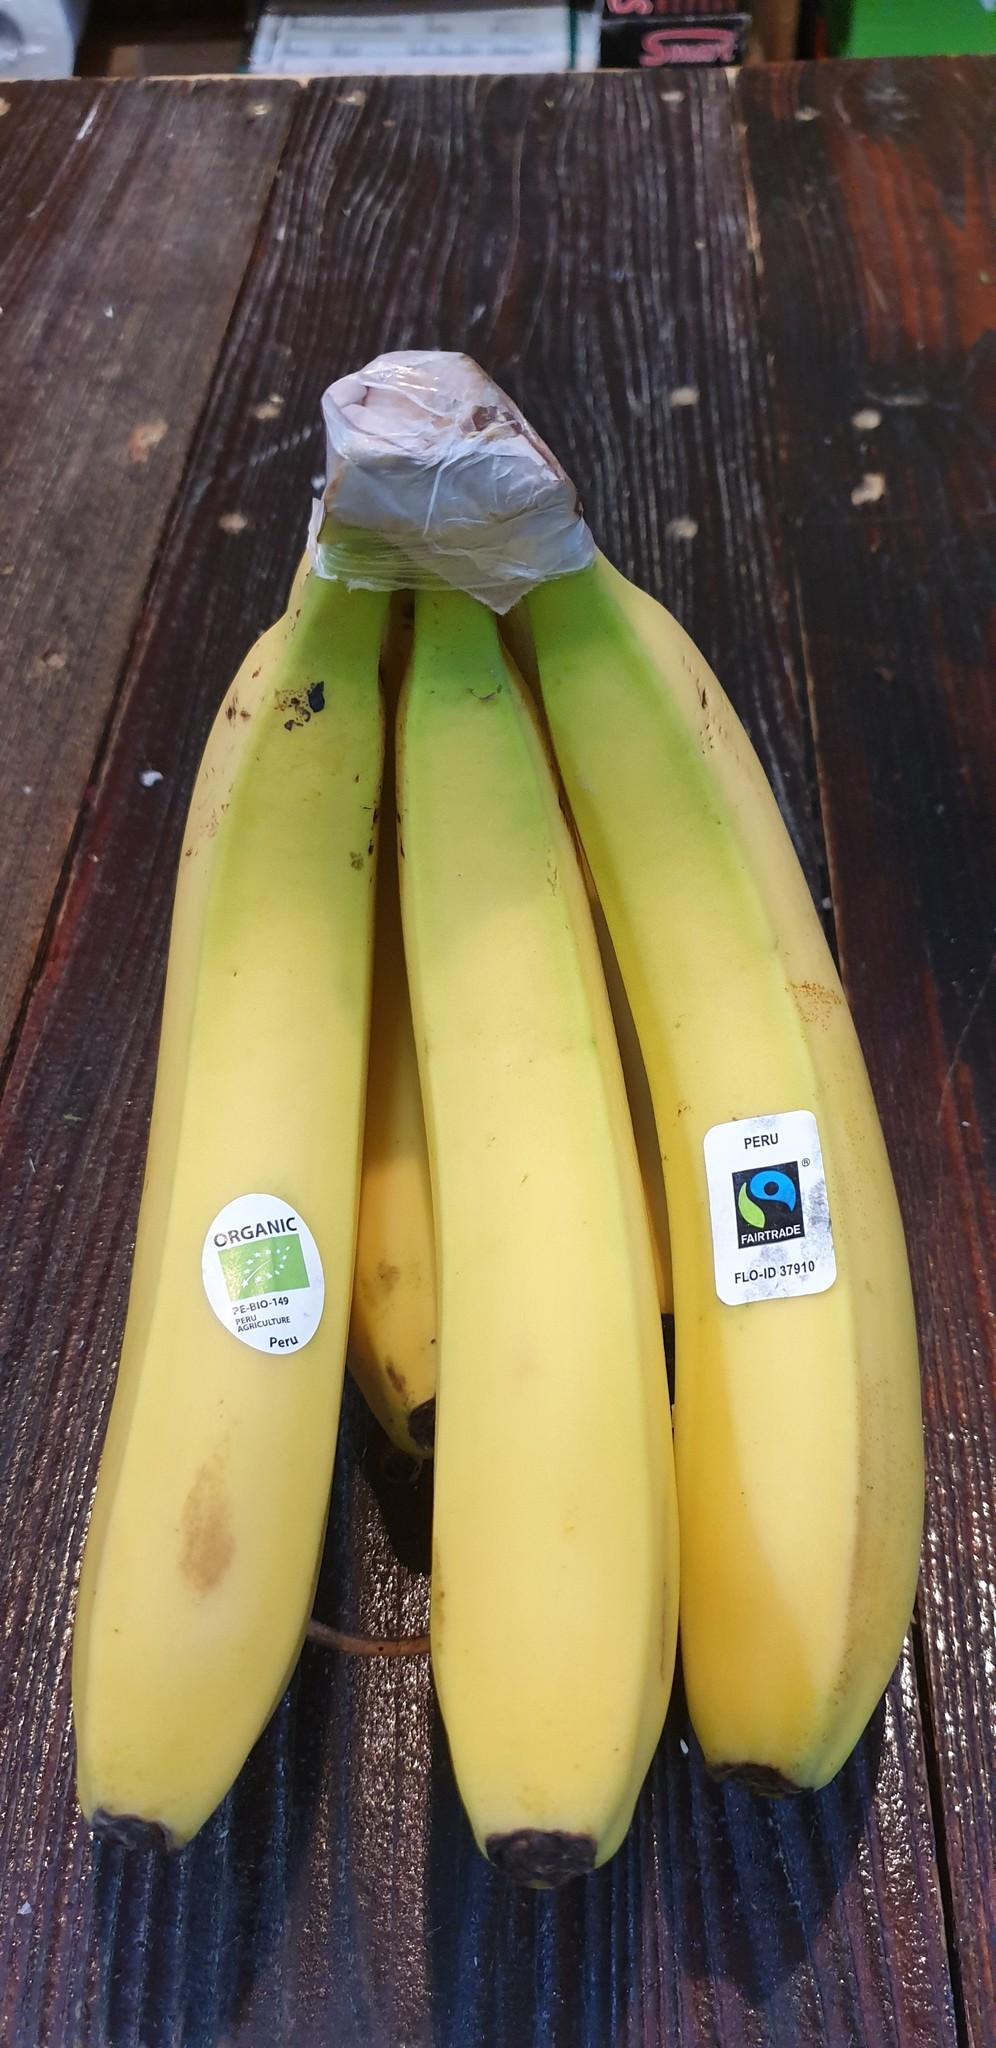 Bio Bananen (Peru)